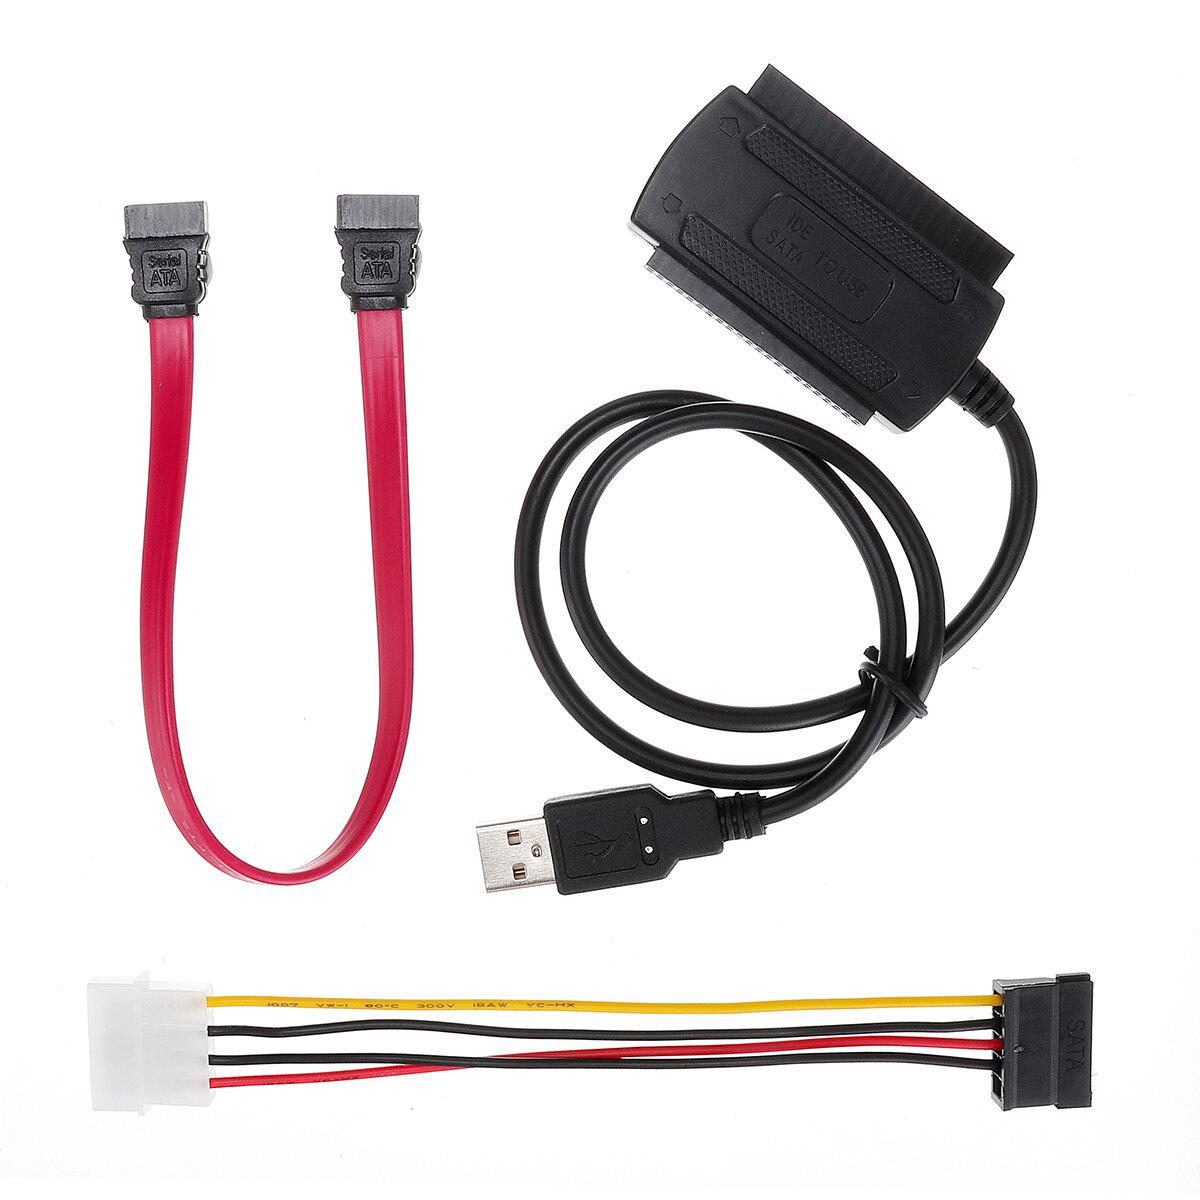 SATA / PATA / IDE для USB 2.0 Кабель конвертера адаптера для жесткого диска 2,5